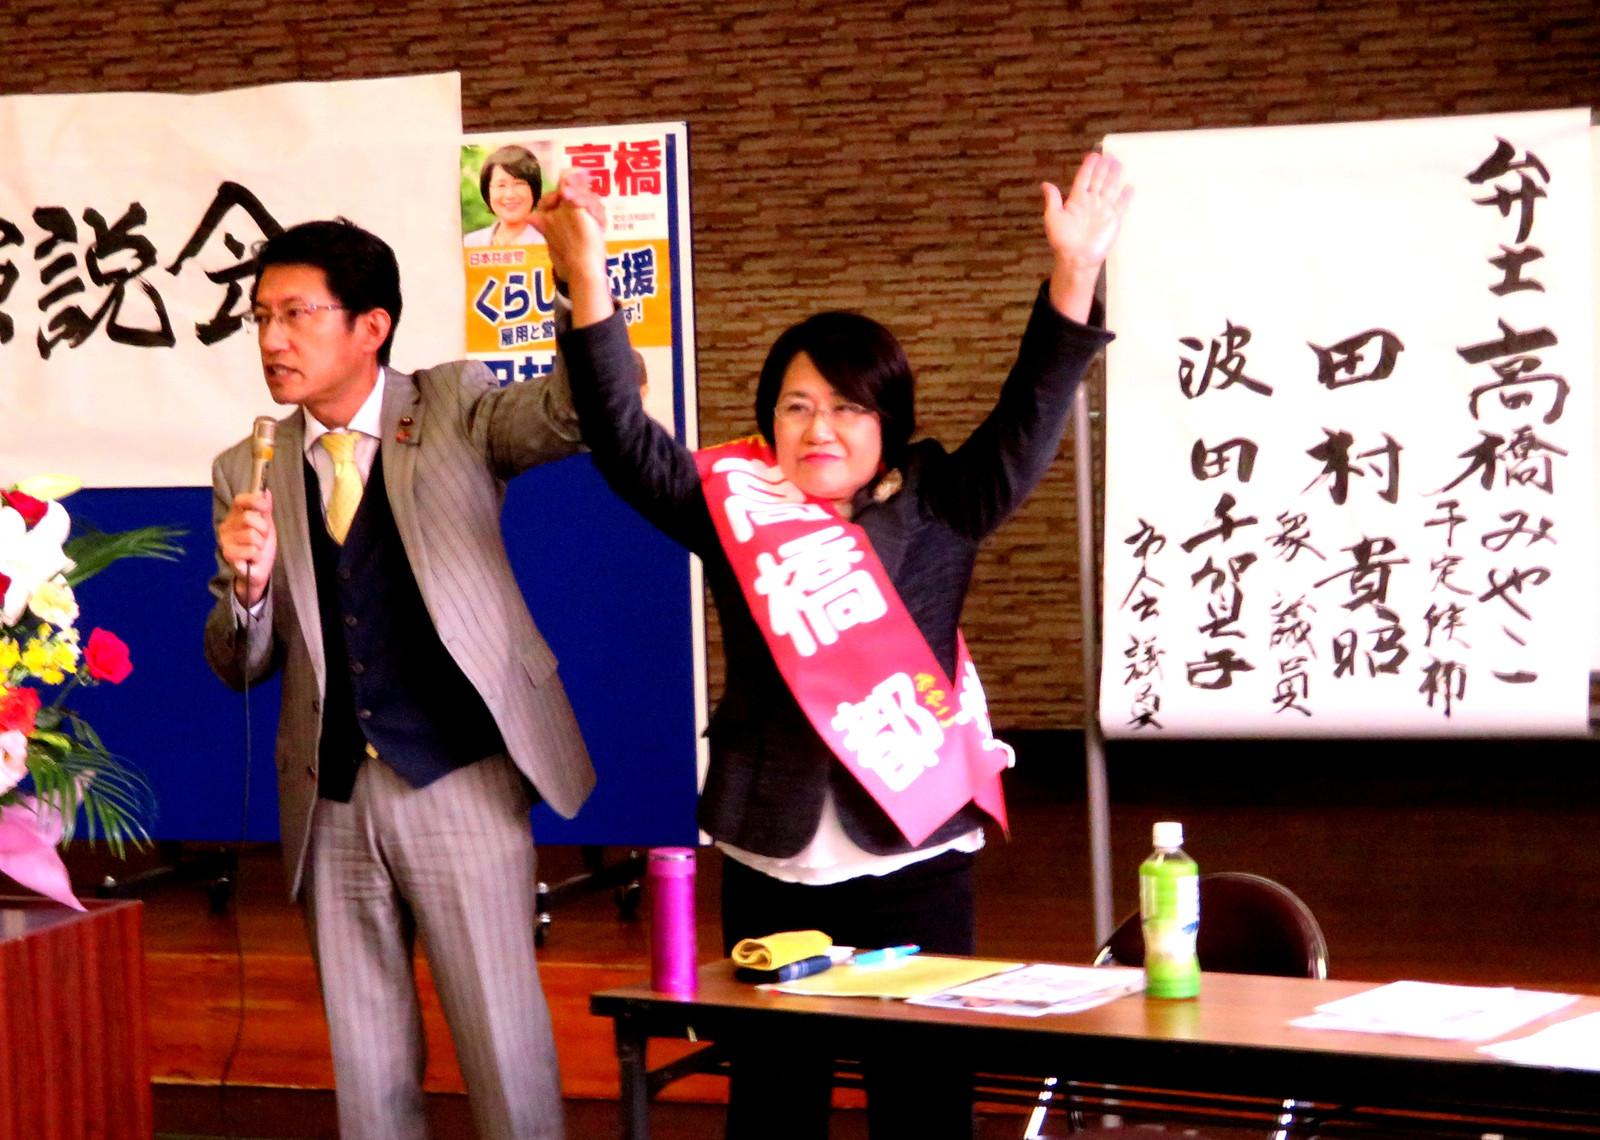 高橋都市議候補と手を上げて、参加者に支援を呼びかける田村貴昭衆院議員=3日、北九州市